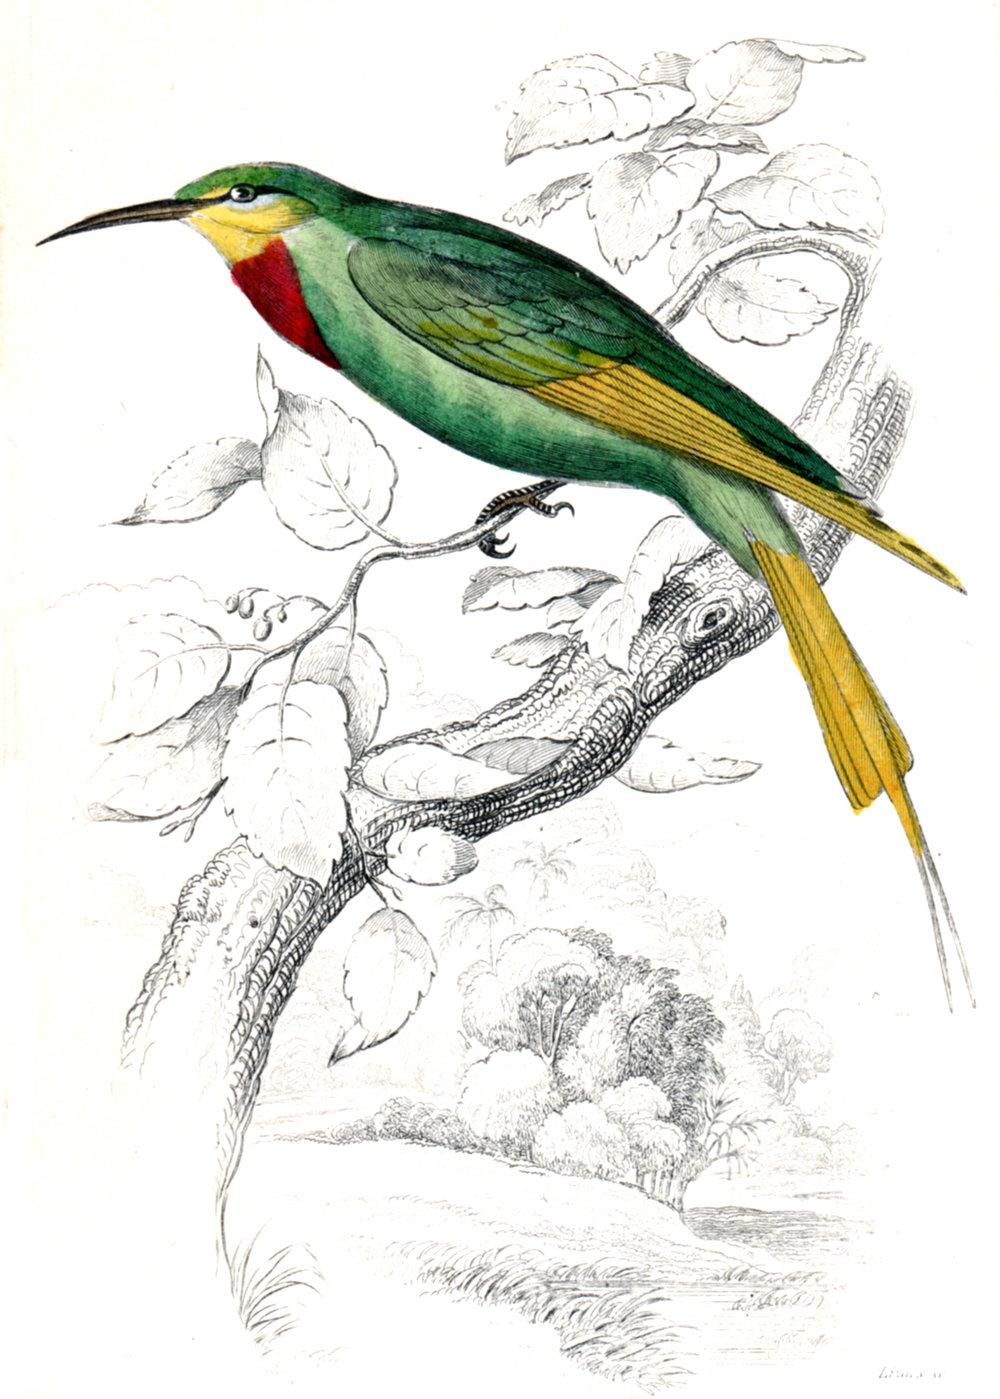 Jardine, Sir Wm / Lizars, Wm – The Naturalist's Miscellany